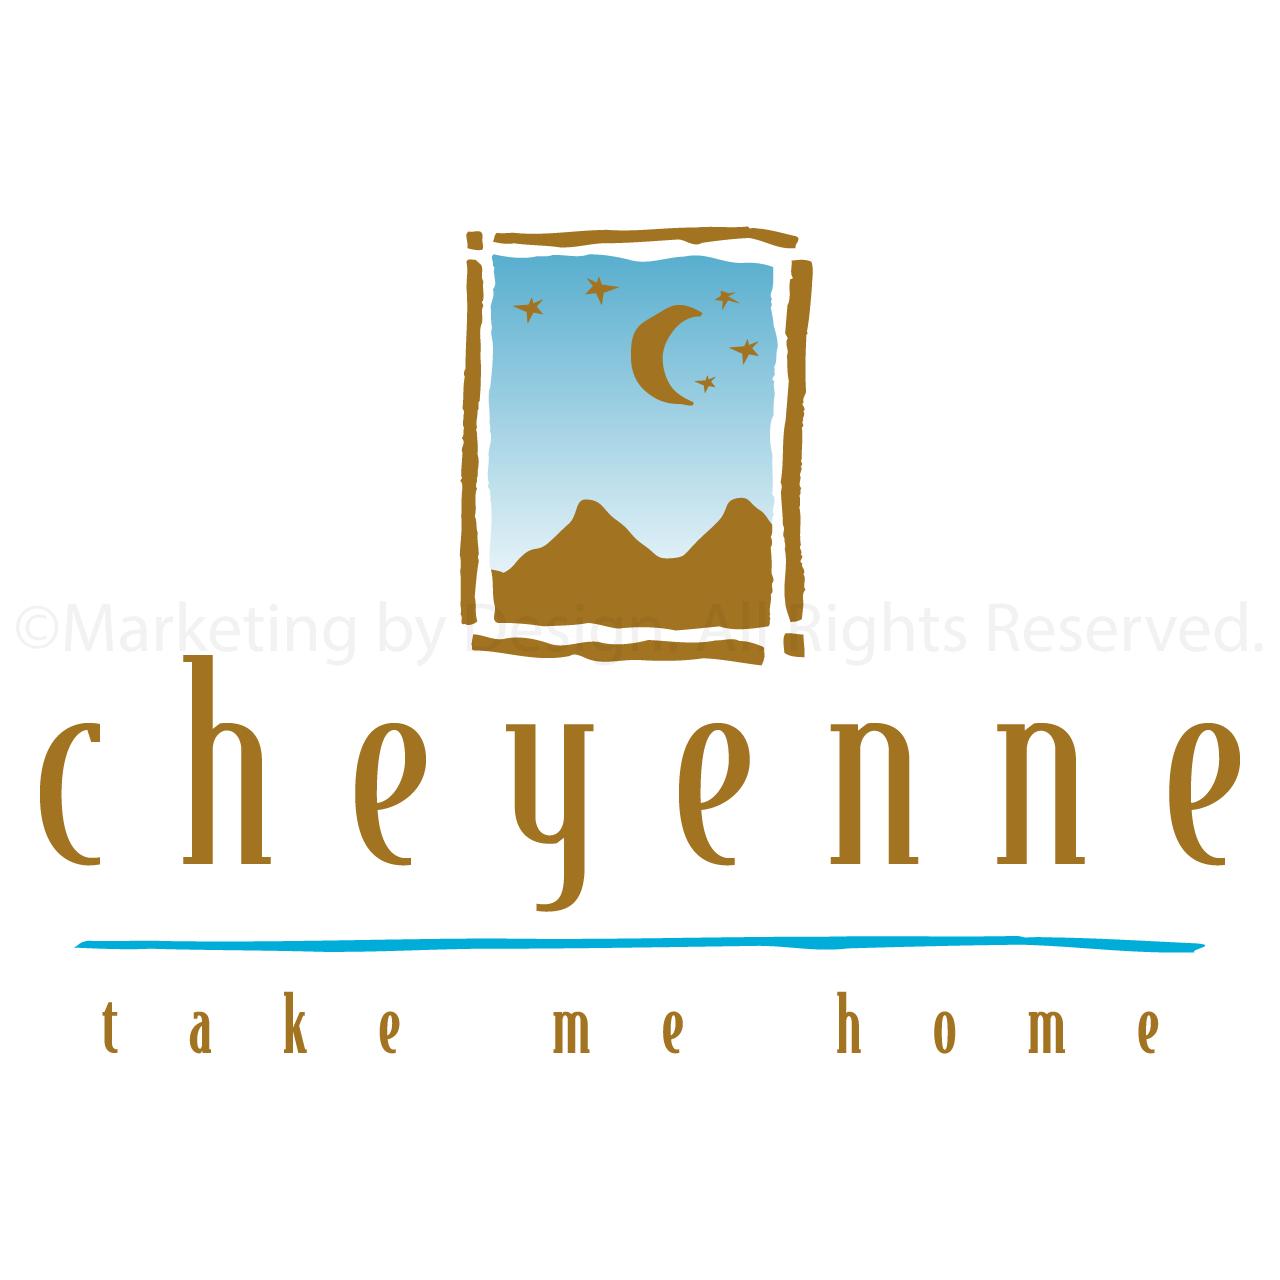 Marketing by Design | Portfolio: Cheyenne Logo